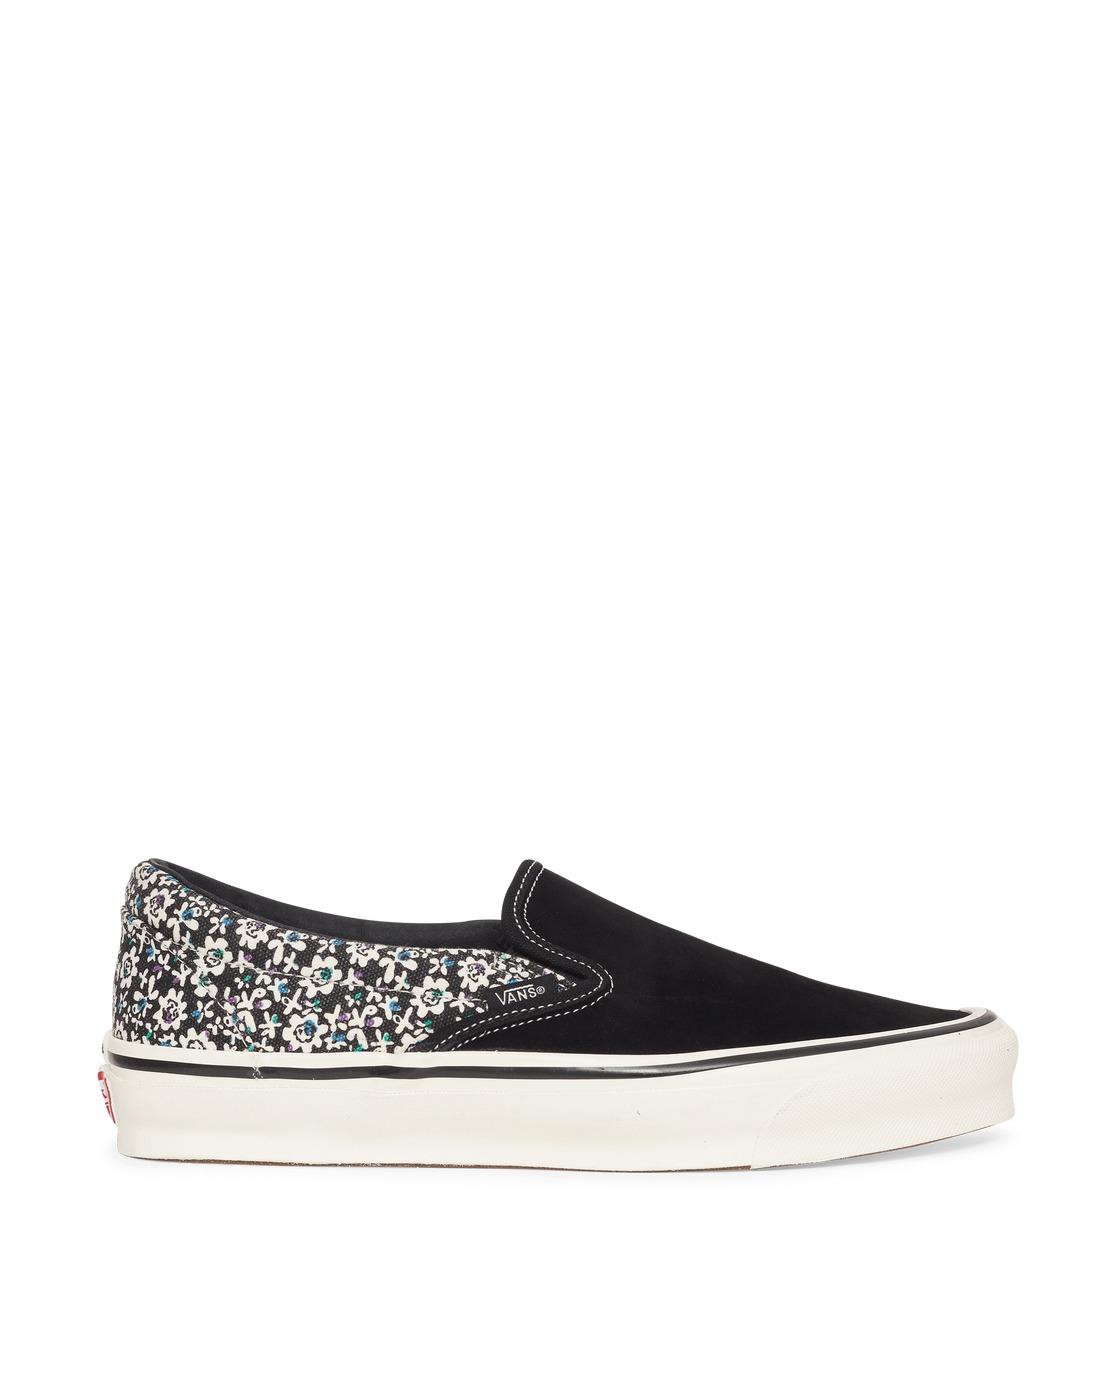 Photo: Vans Og Classic Lx Slip On Sneakers Black